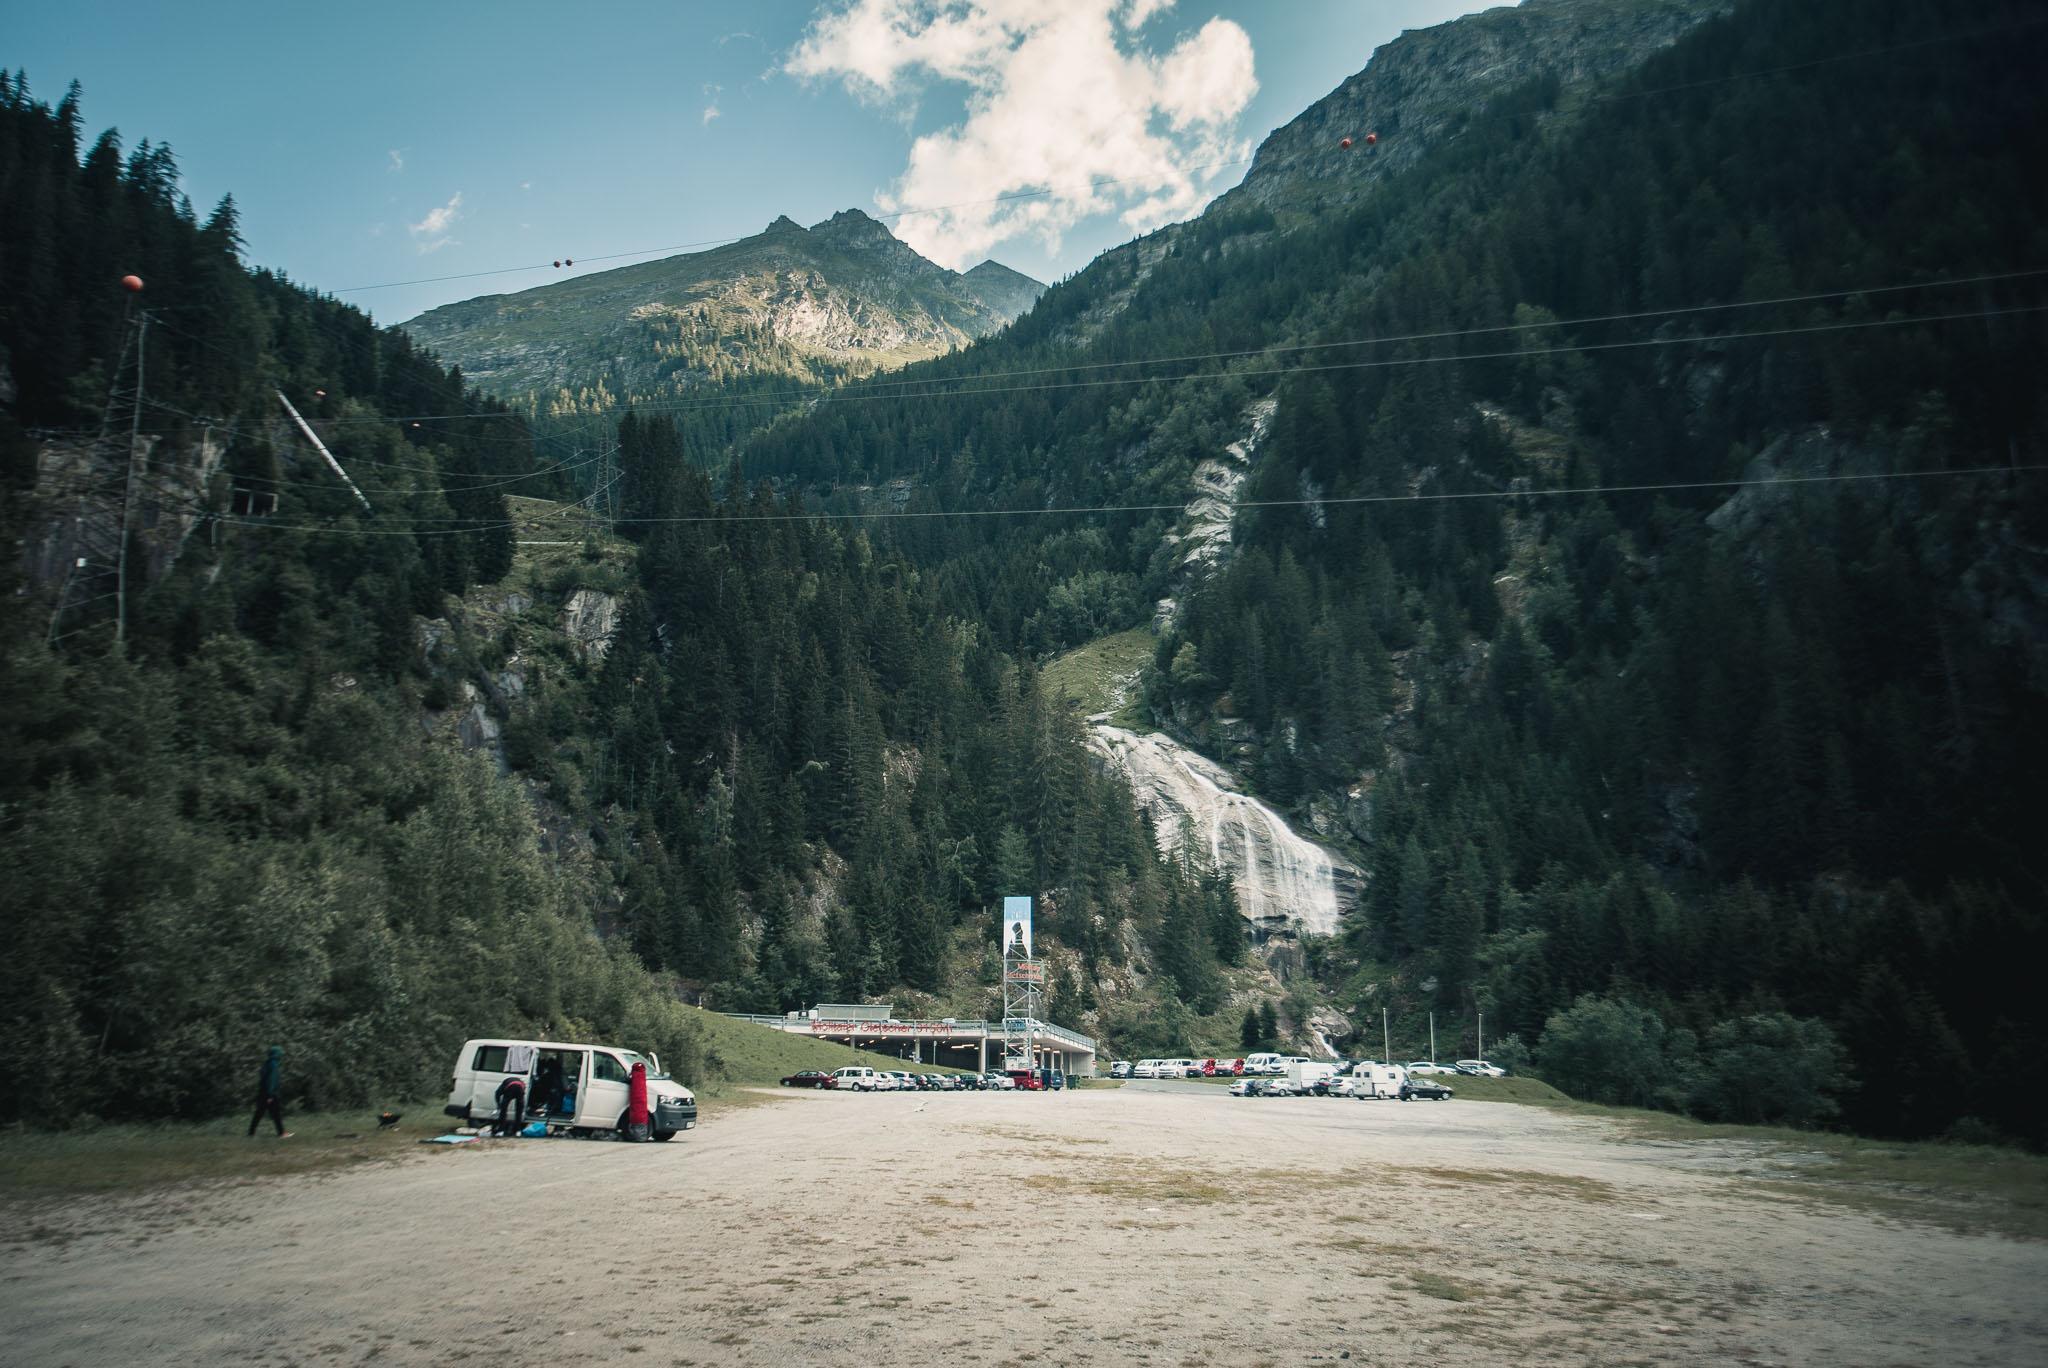 Der Parkplatz sowie die Talstation am Mölltaler Gletscher.